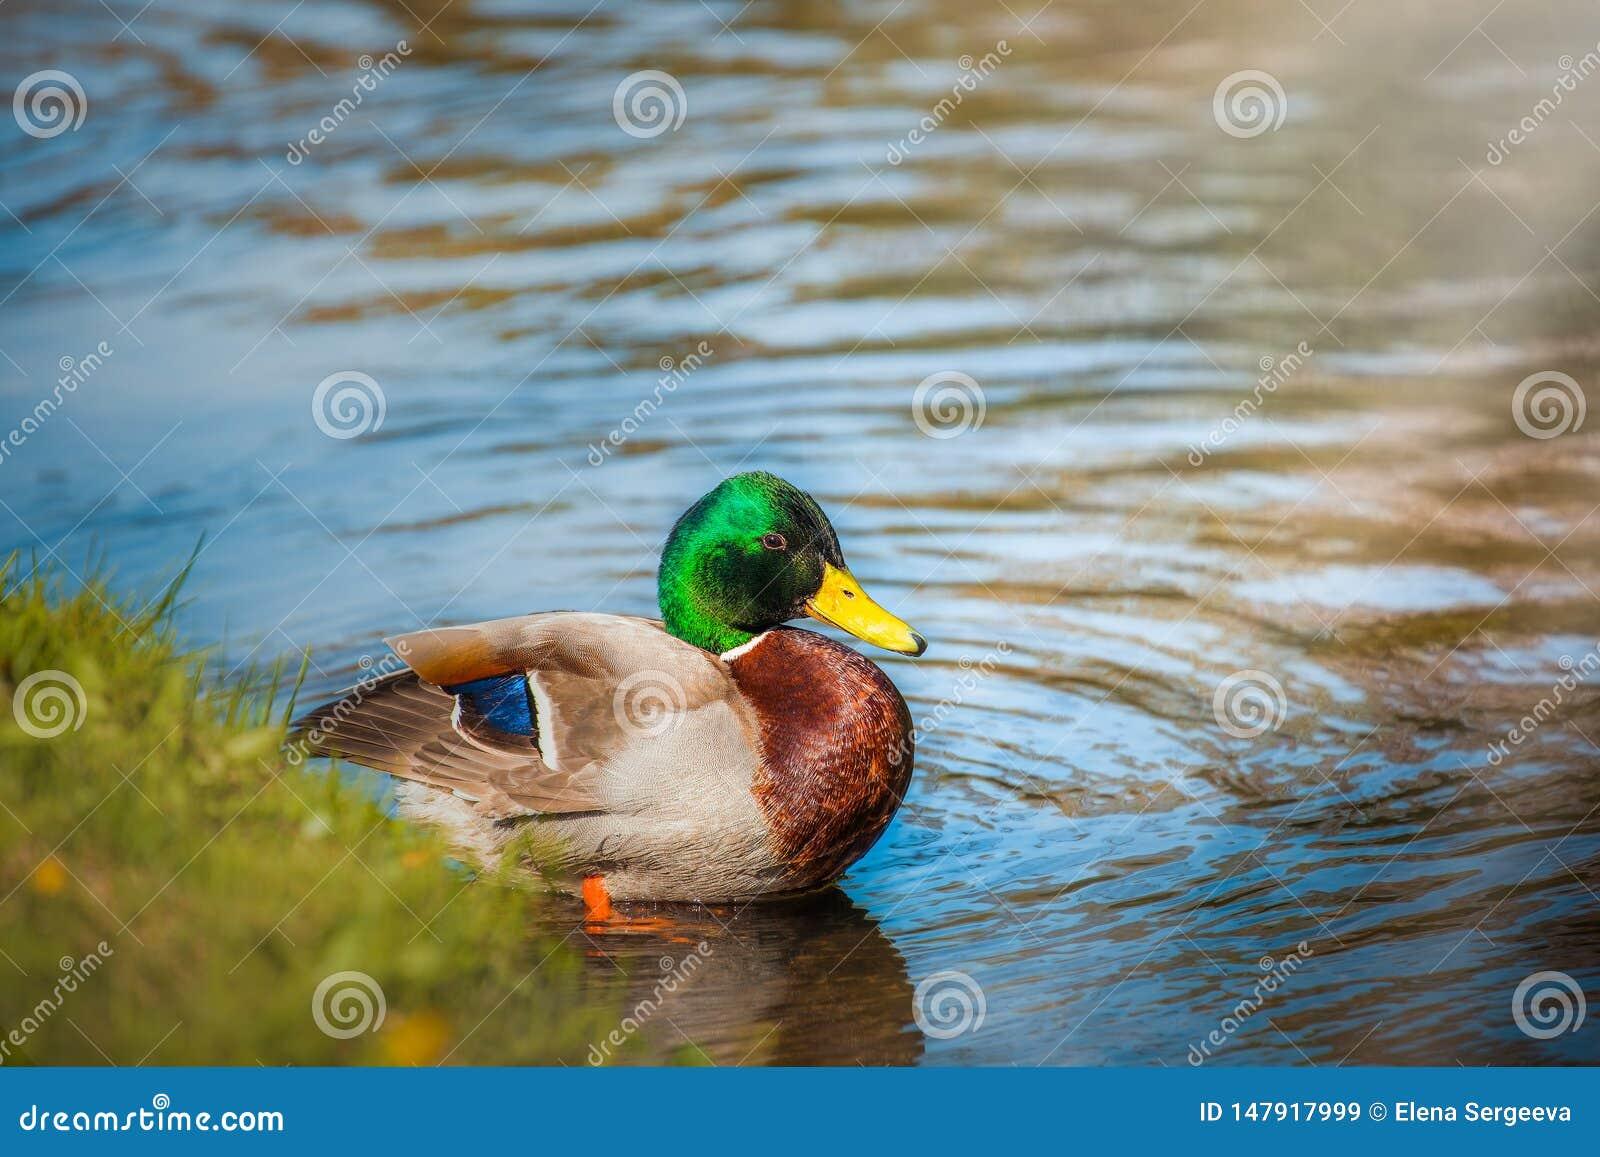 Canard dans l eau